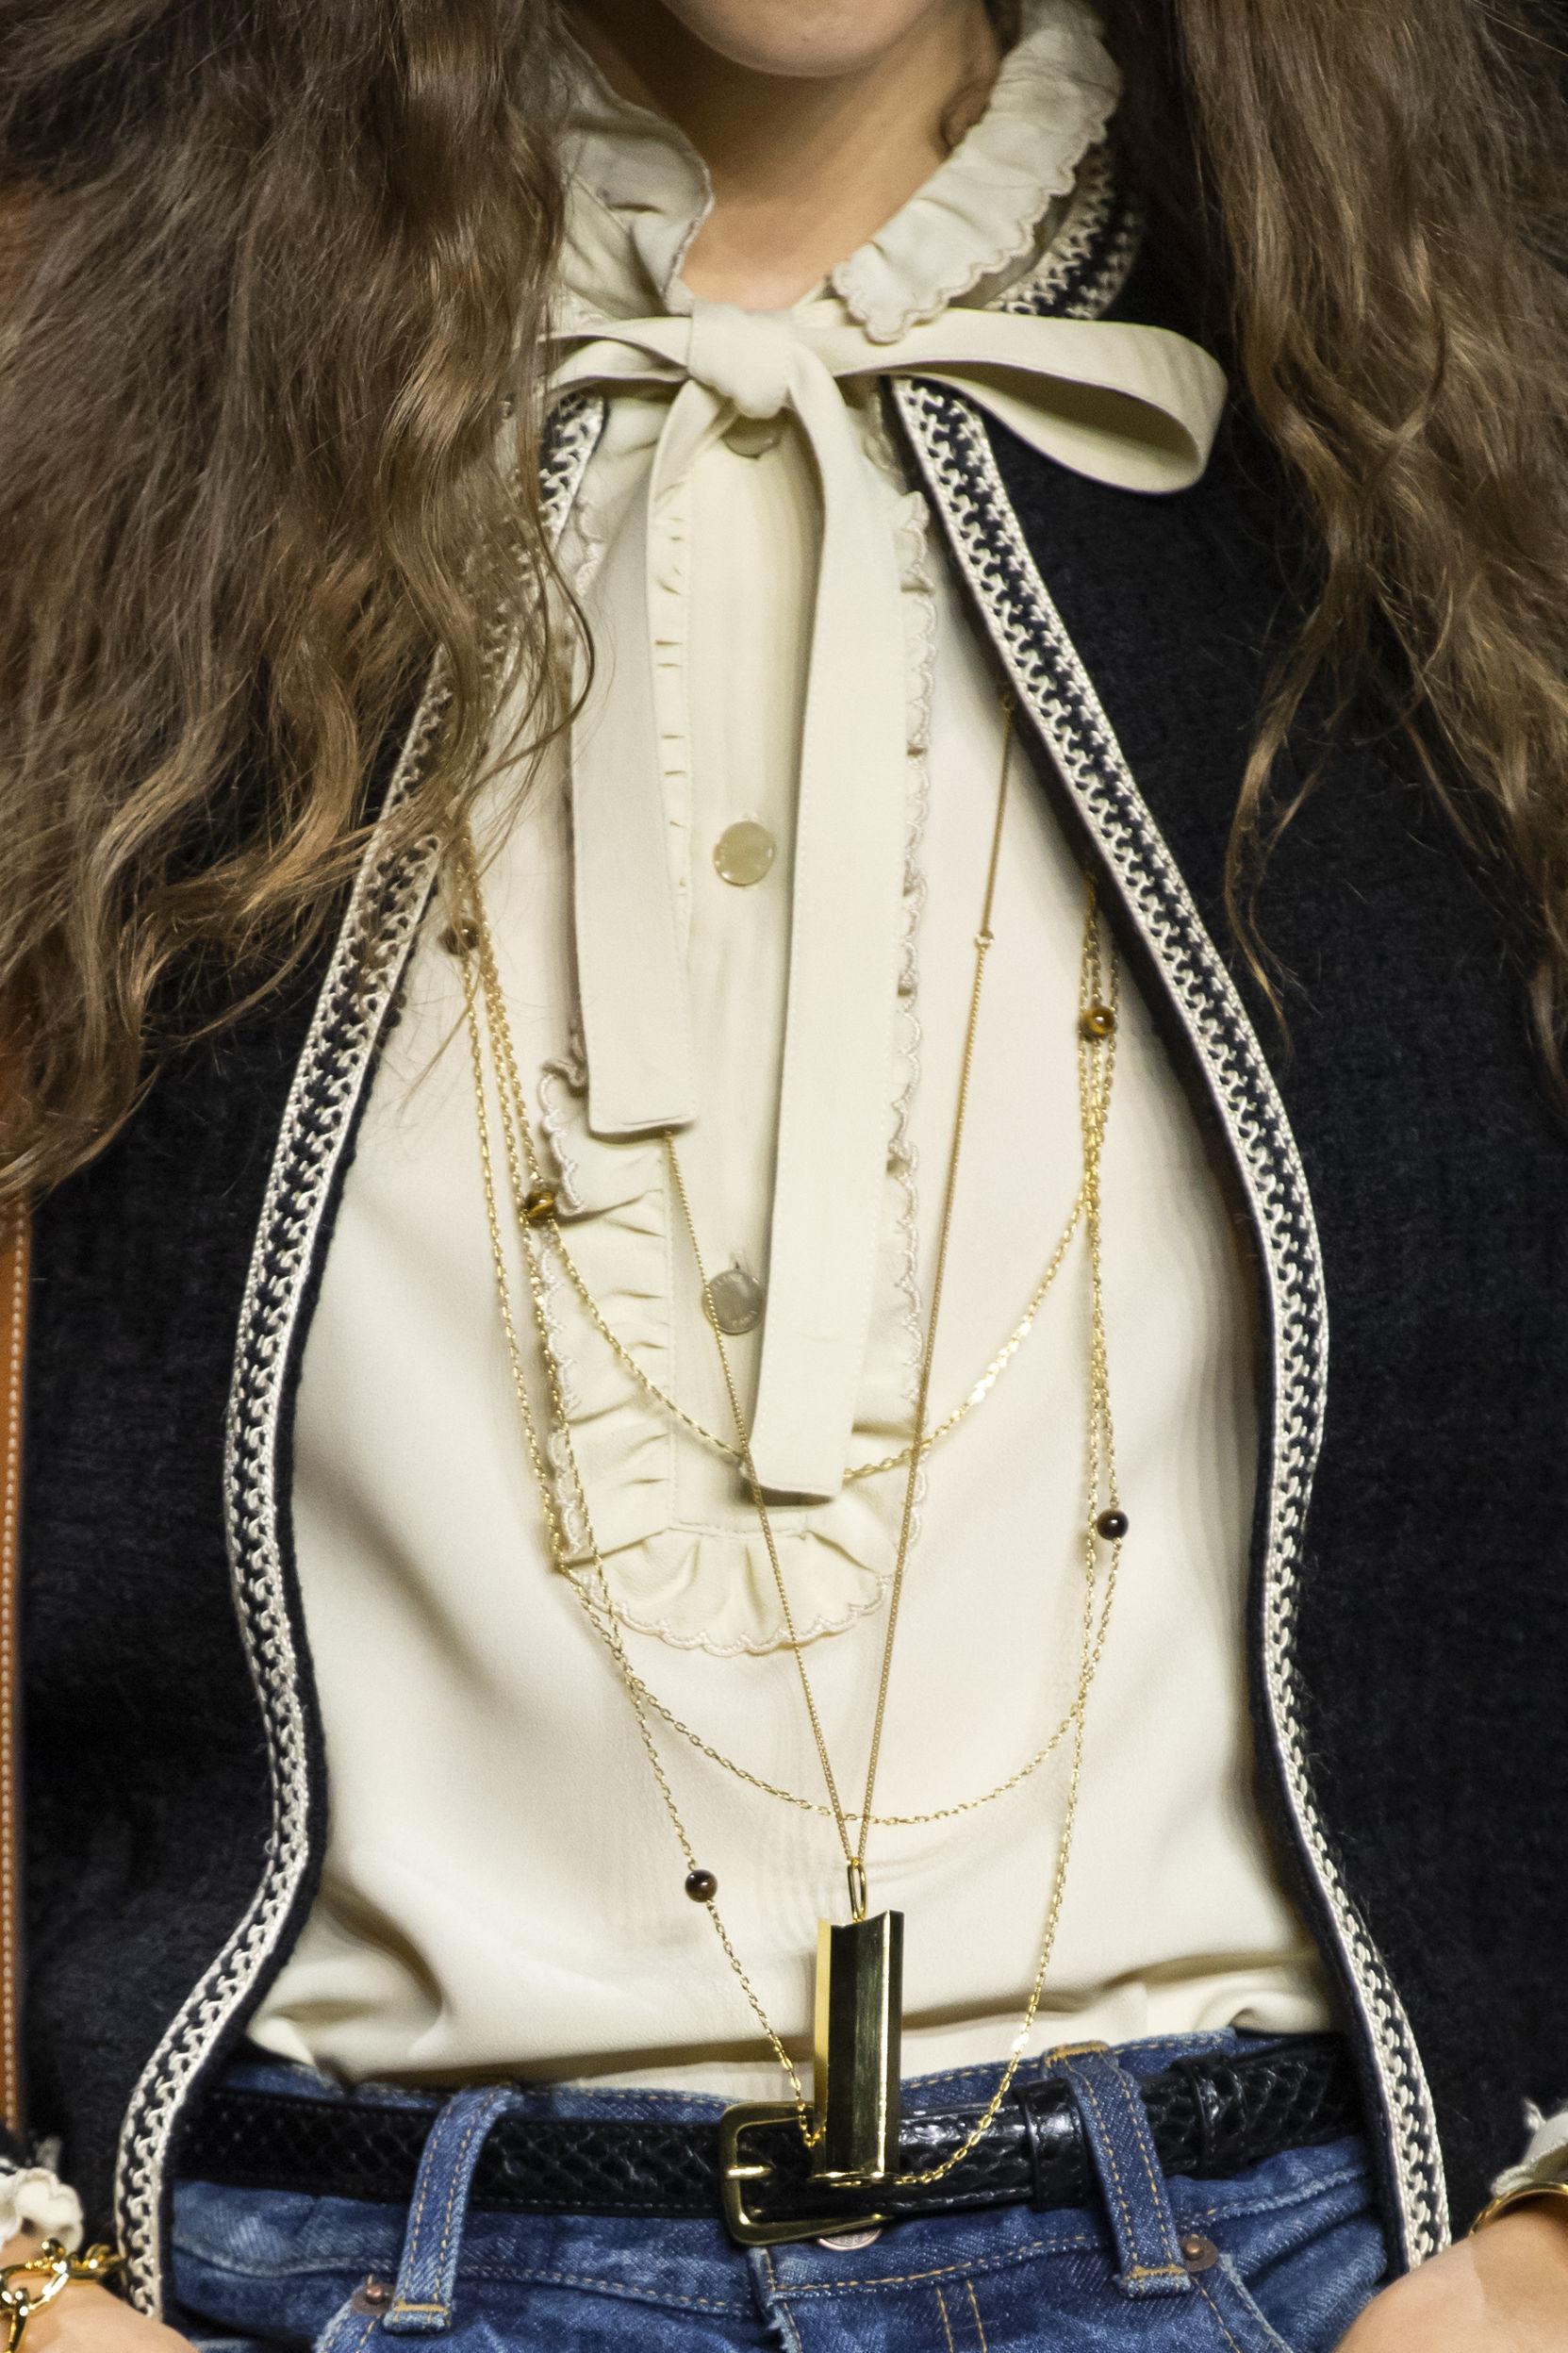 No te conformes con llevar un solo collar o cadena, mezcla varios de diversos estilos y tonalidades para que te veas moderna y distinta. La clave está en que sea más o menos del mismo tamaño, de manera que predomine la armonía. (WGSN)